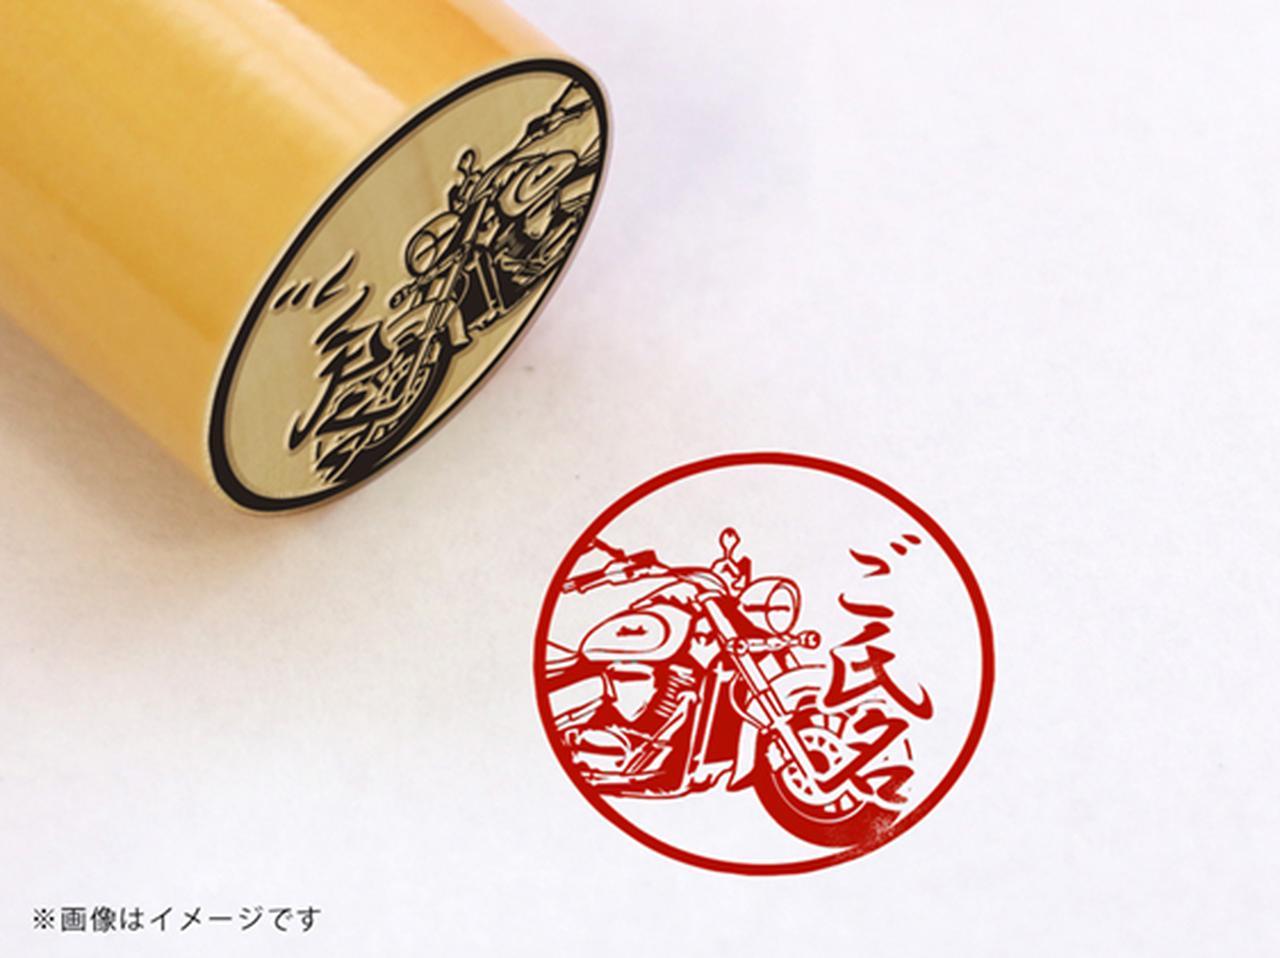 Images : 【SUZUKI】イントルーダークラシック400・柘植丸印18mm